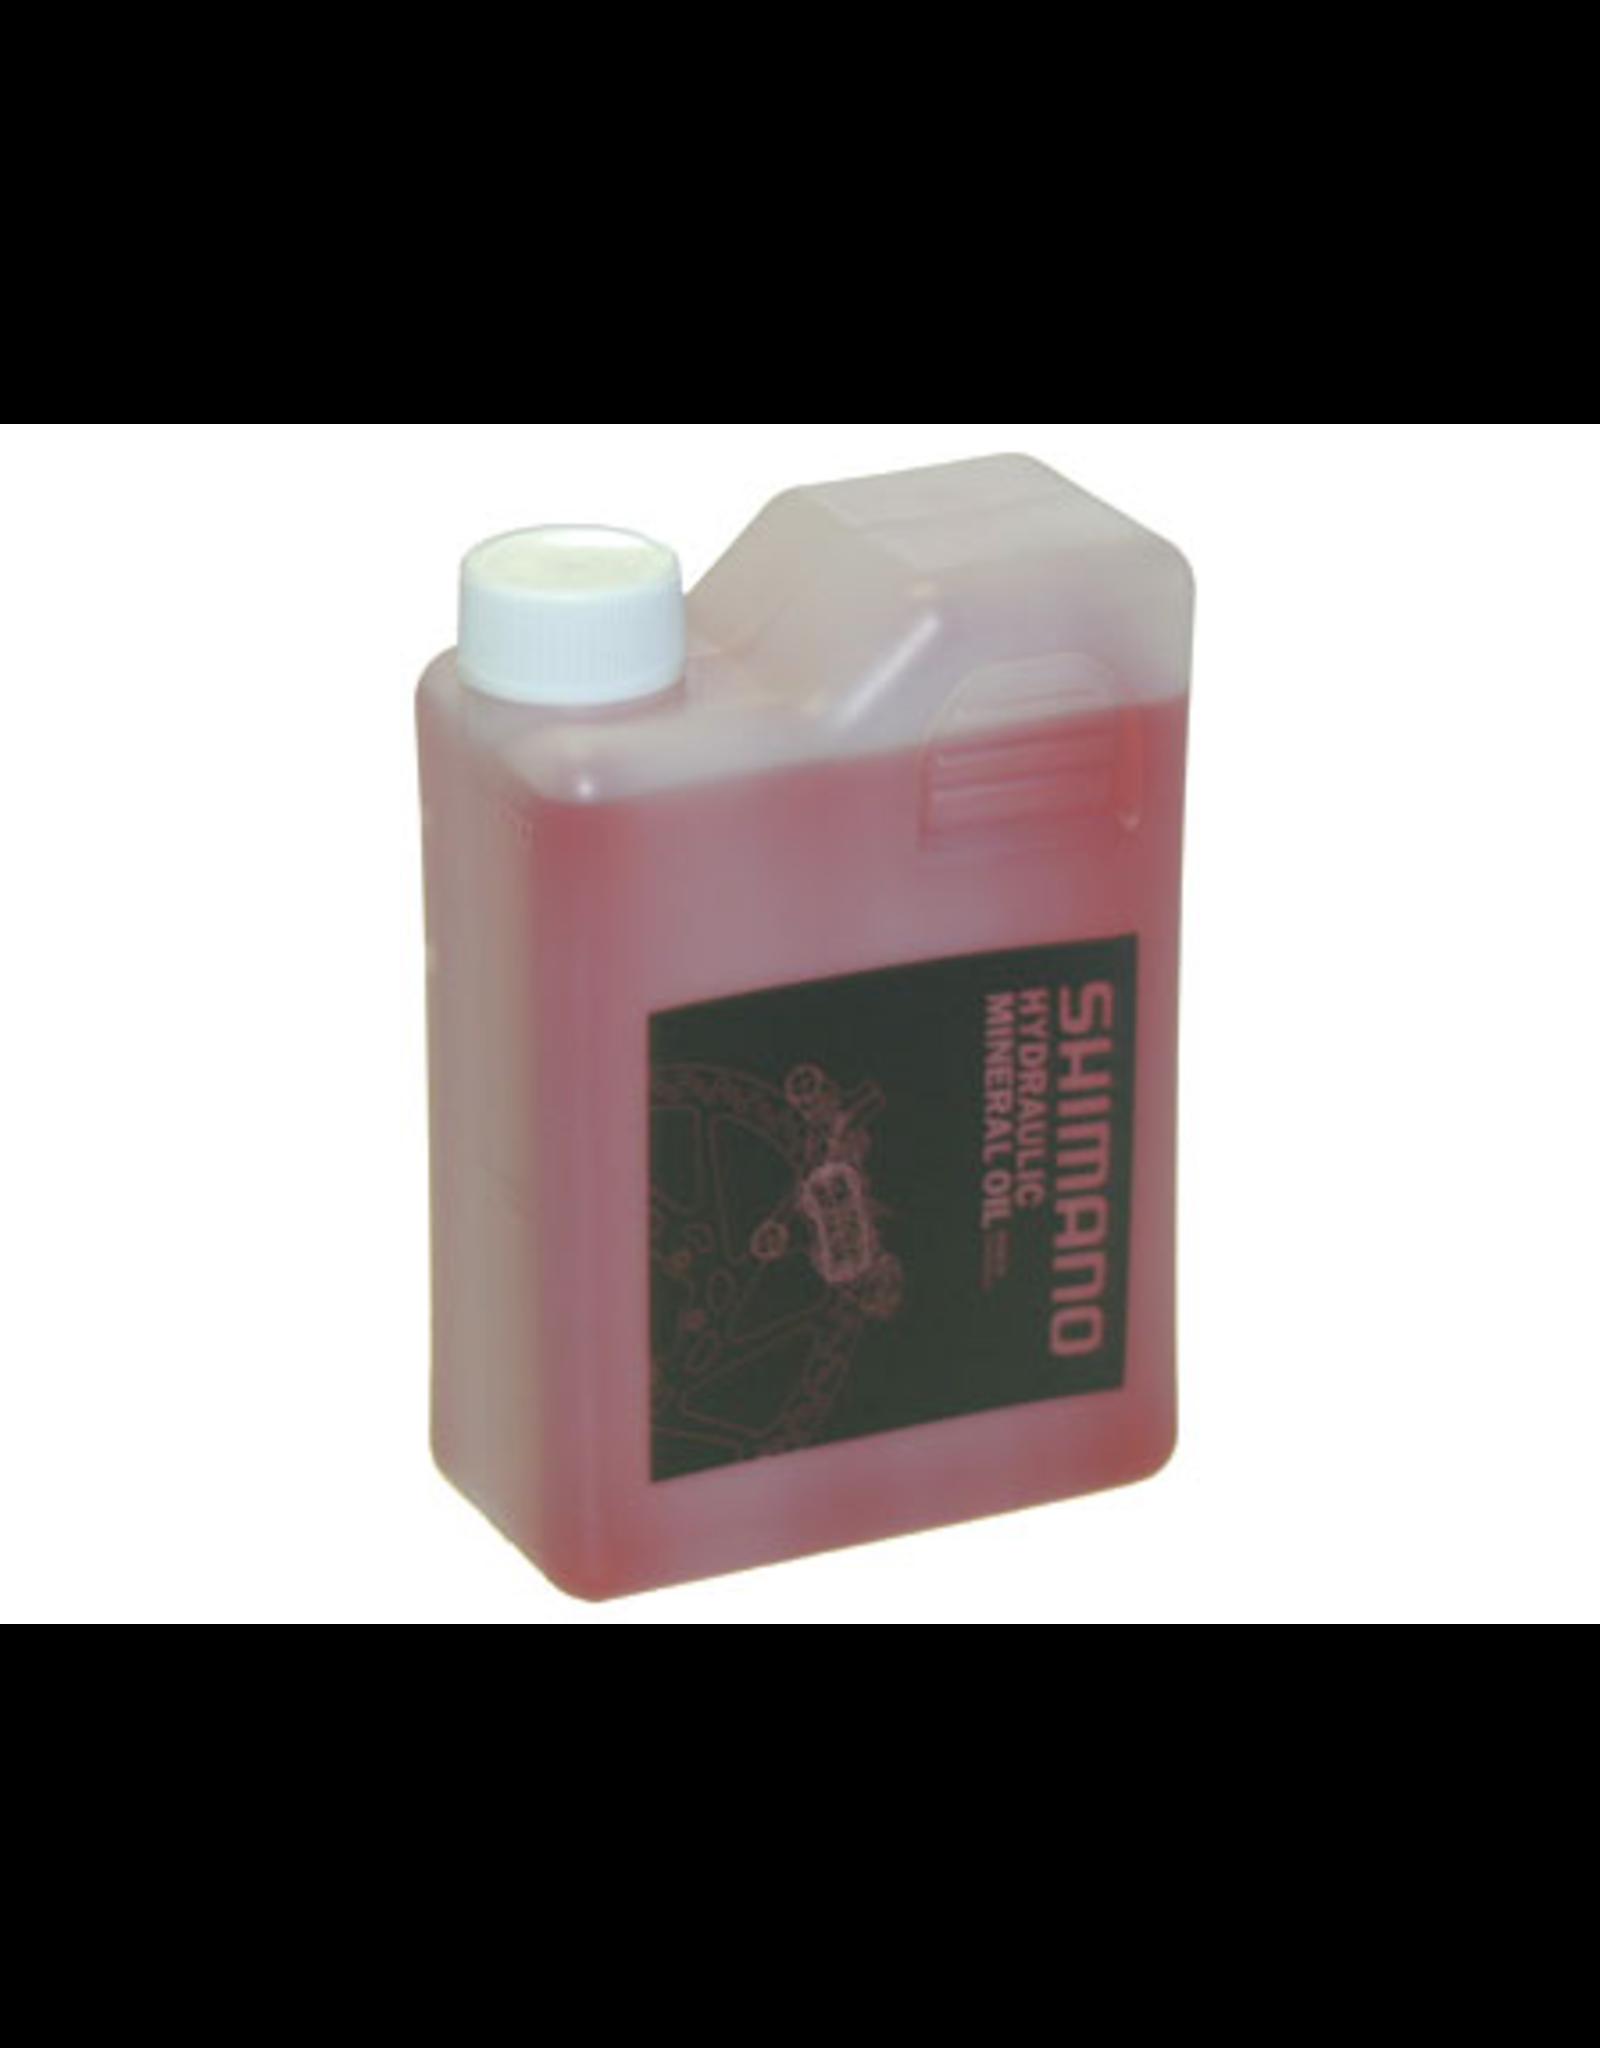 Shimano BRAKE DISC SHIMANO MINERAL OIL 1 LITRE